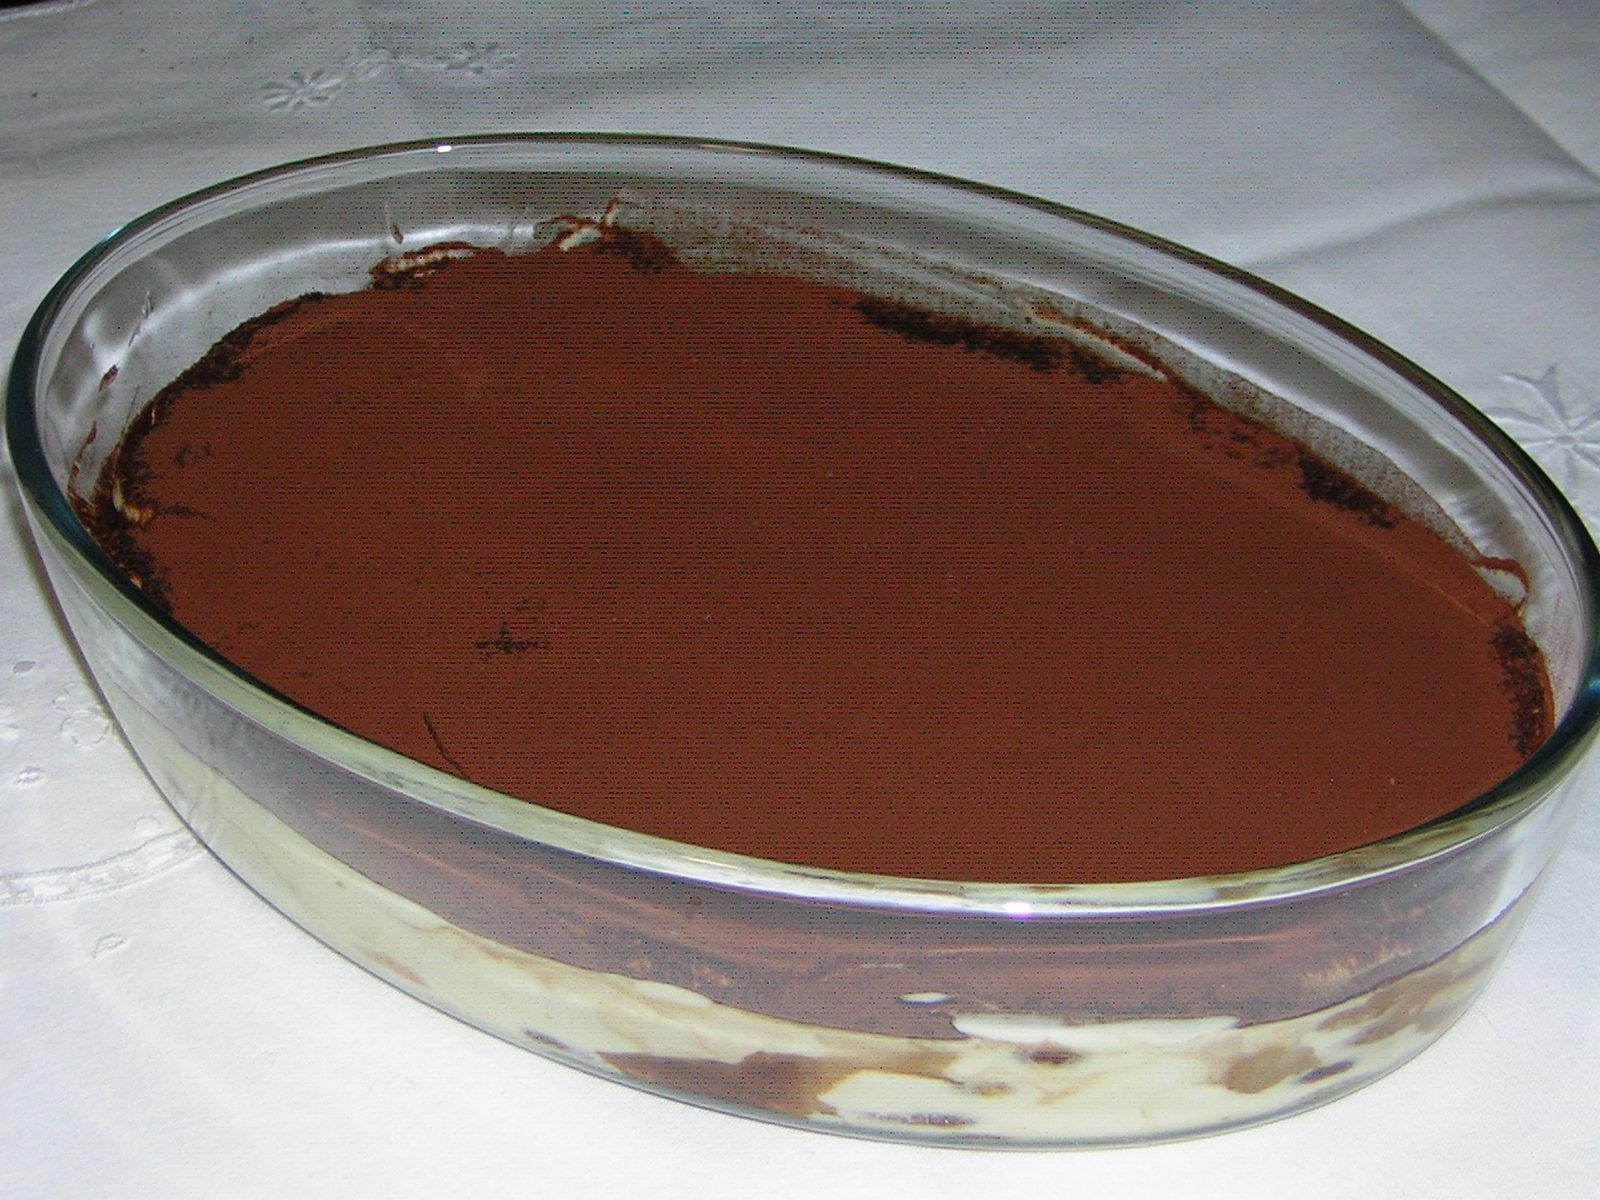 tiramisù con pavesini al cioccolato